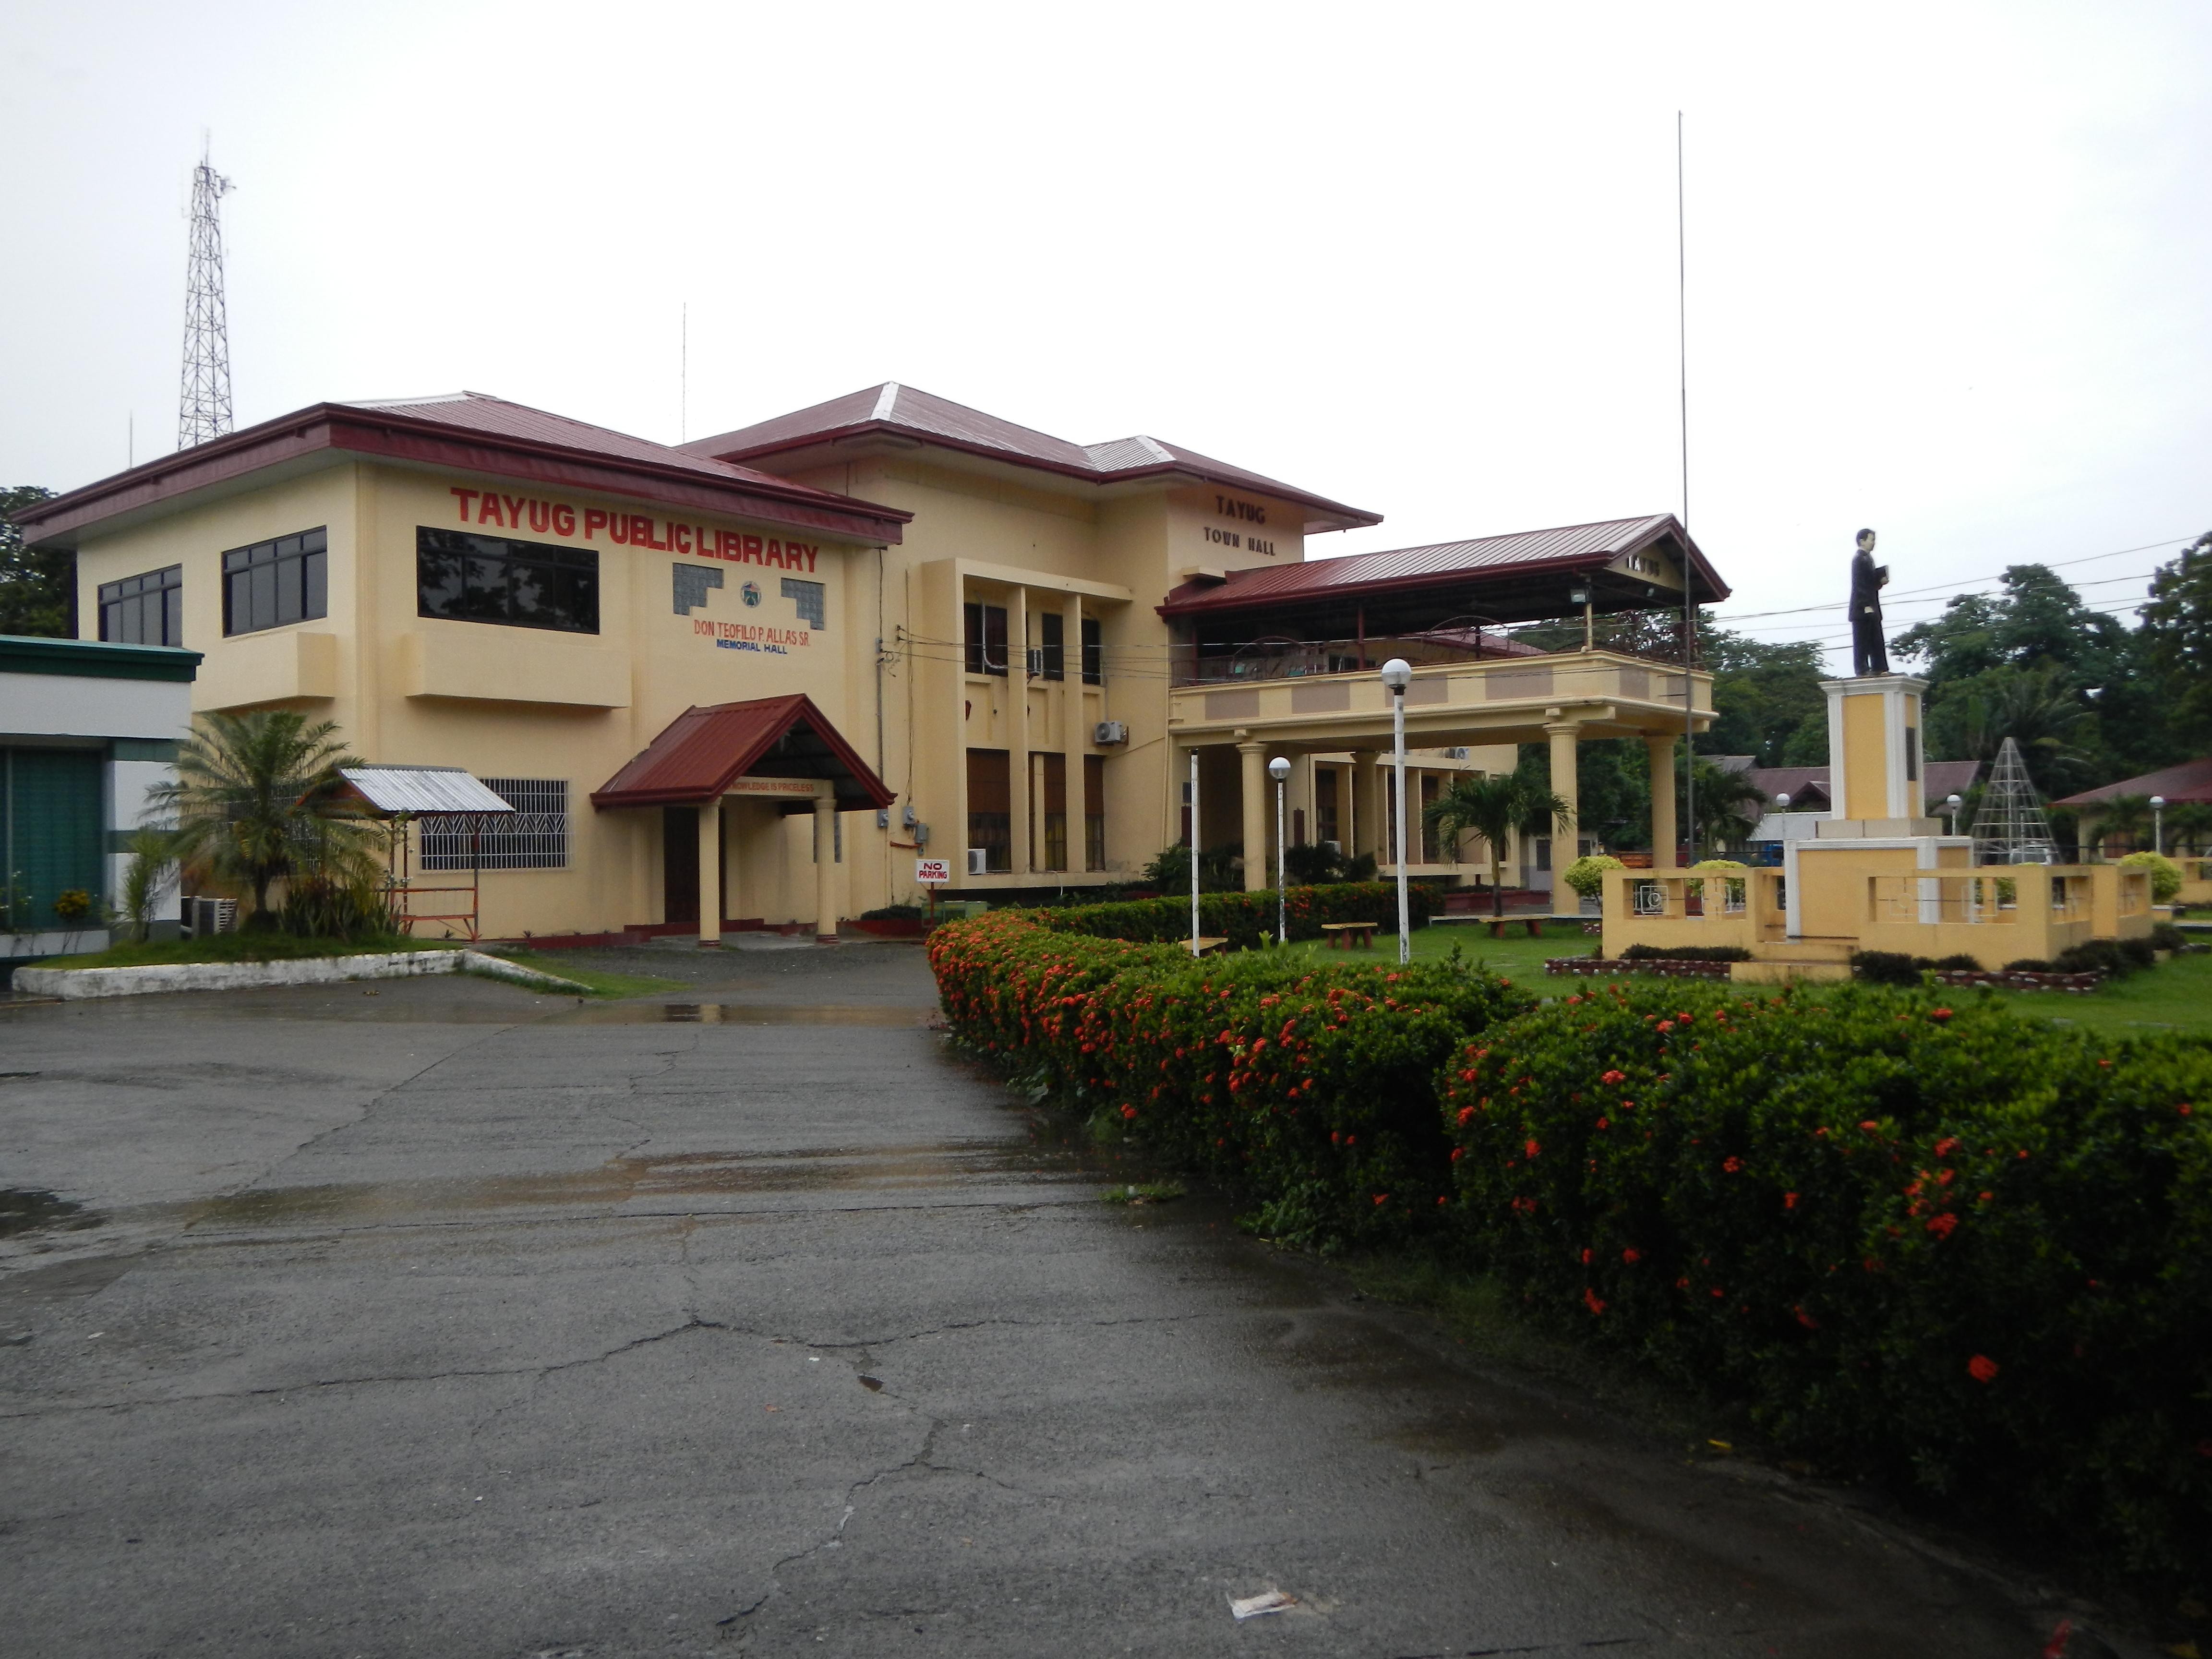 File:Tayug,Pangasinanjf9192 09.JPG - Wikipedia